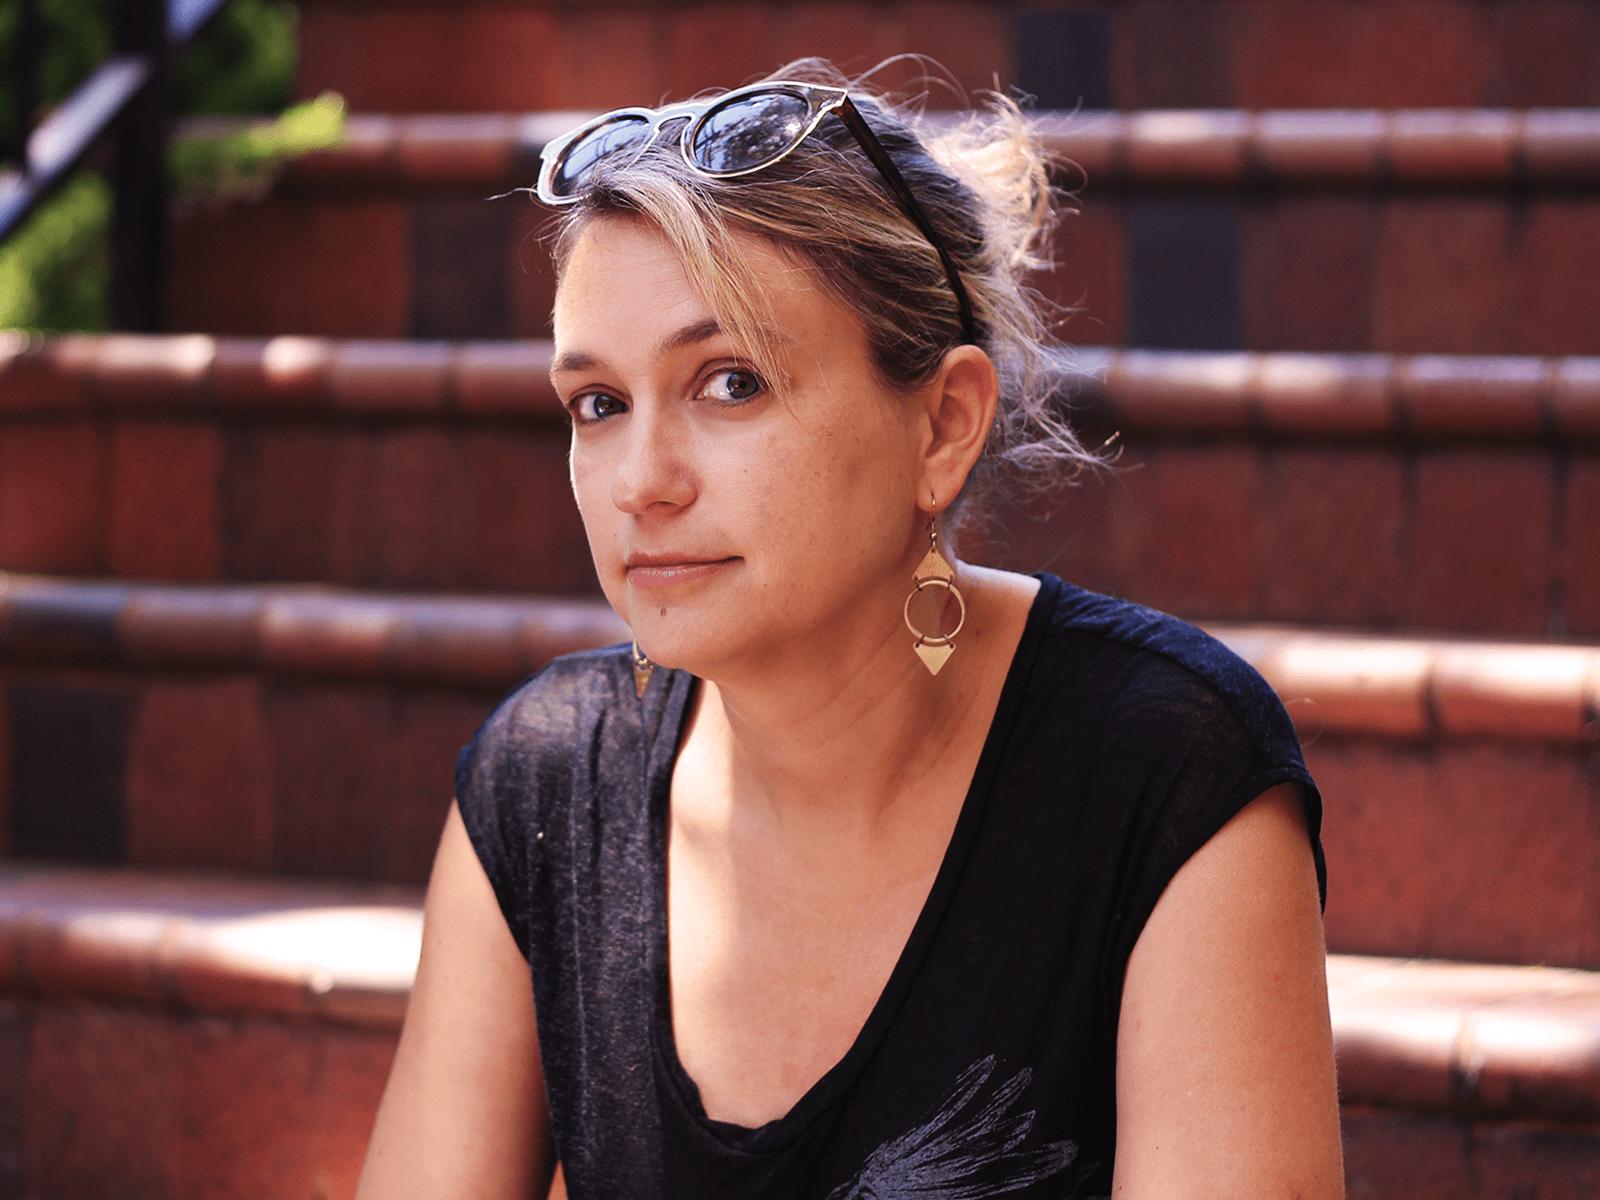 Anna Sussman